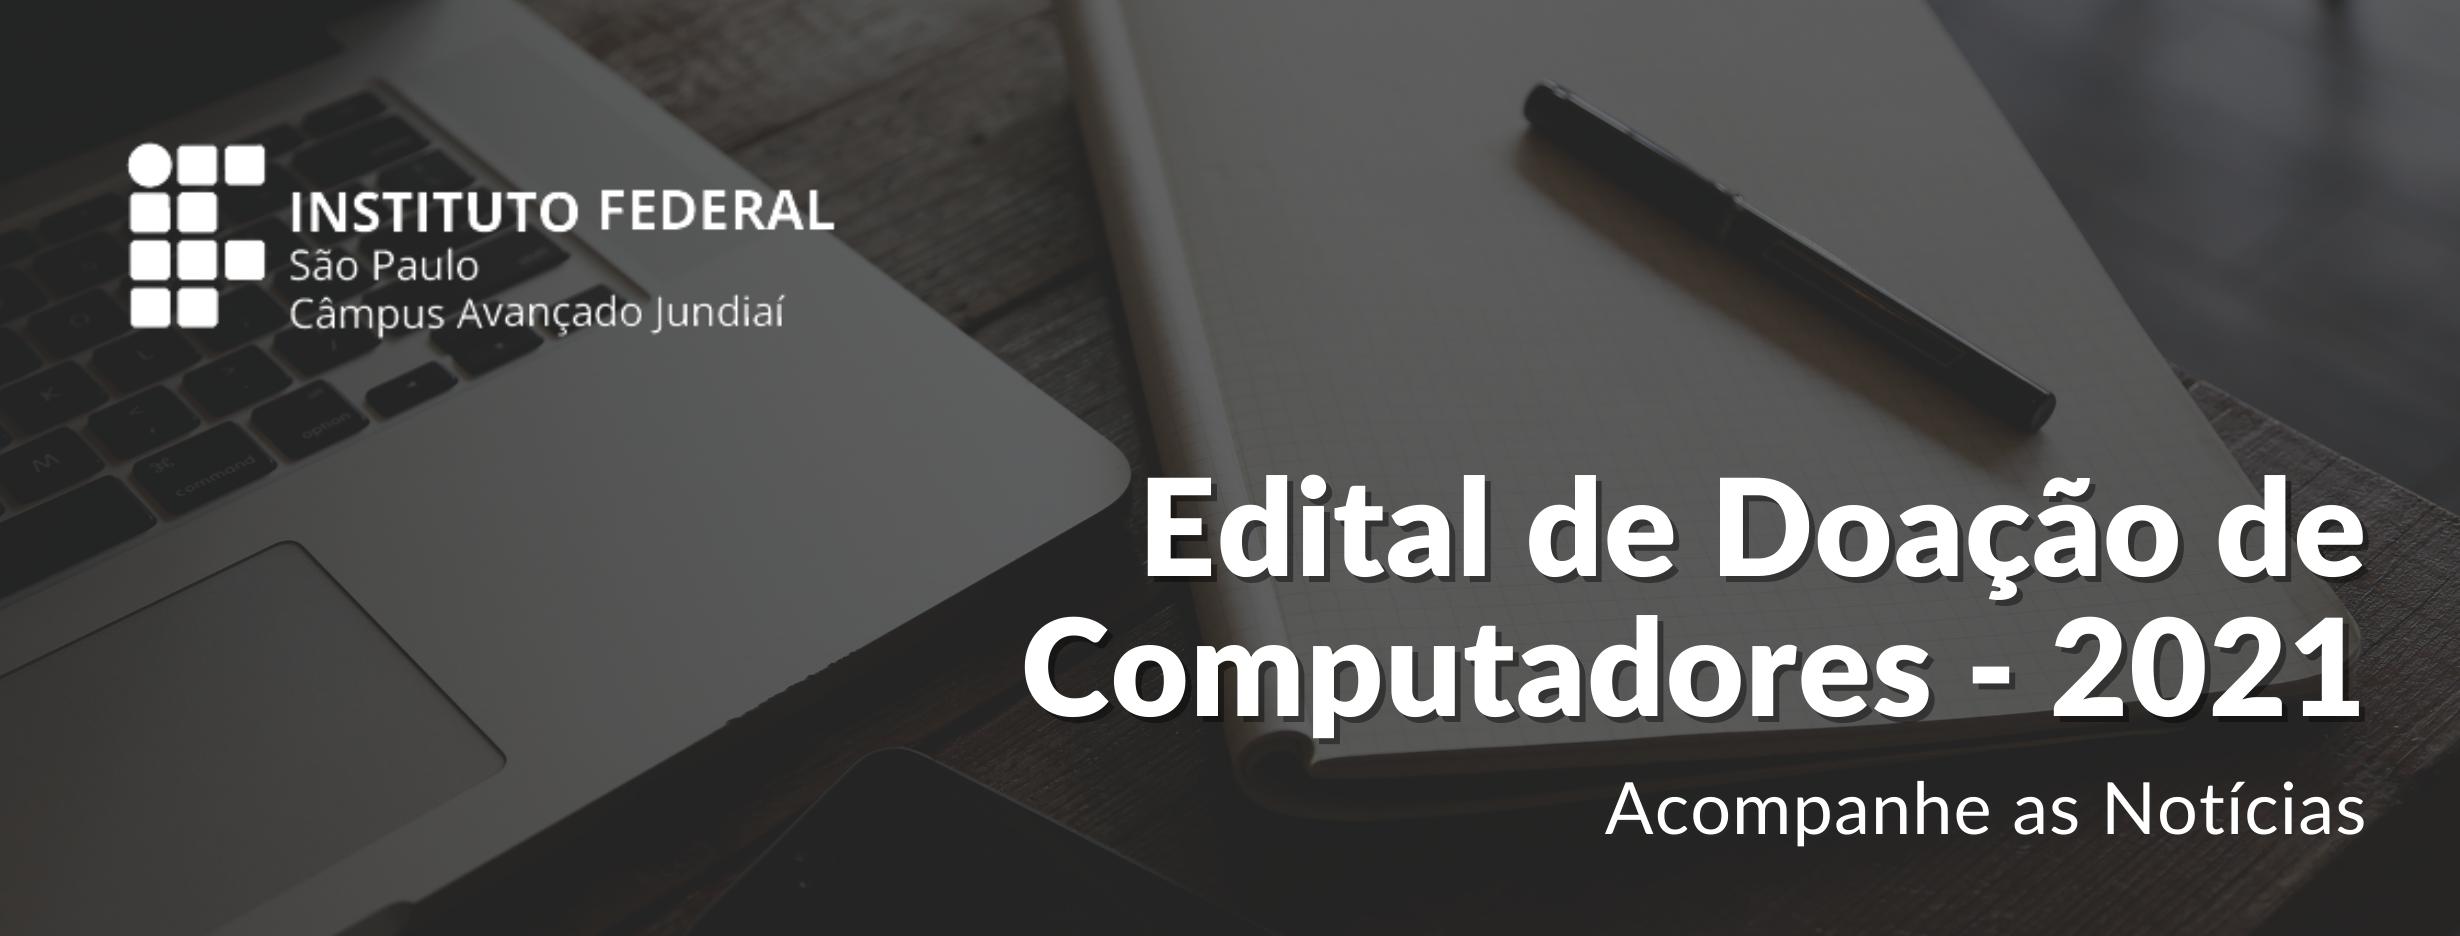 Edital de Doação de Computadores - 2021